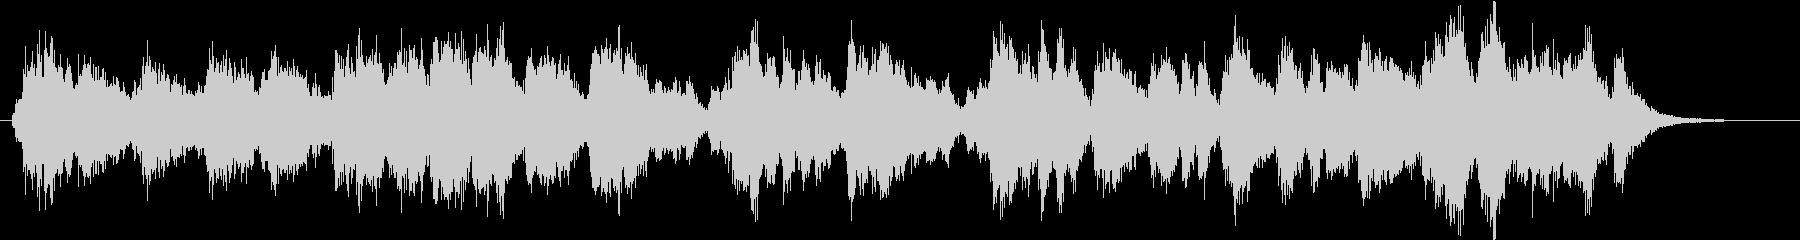 30秒の開会のファンファーレの未再生の波形